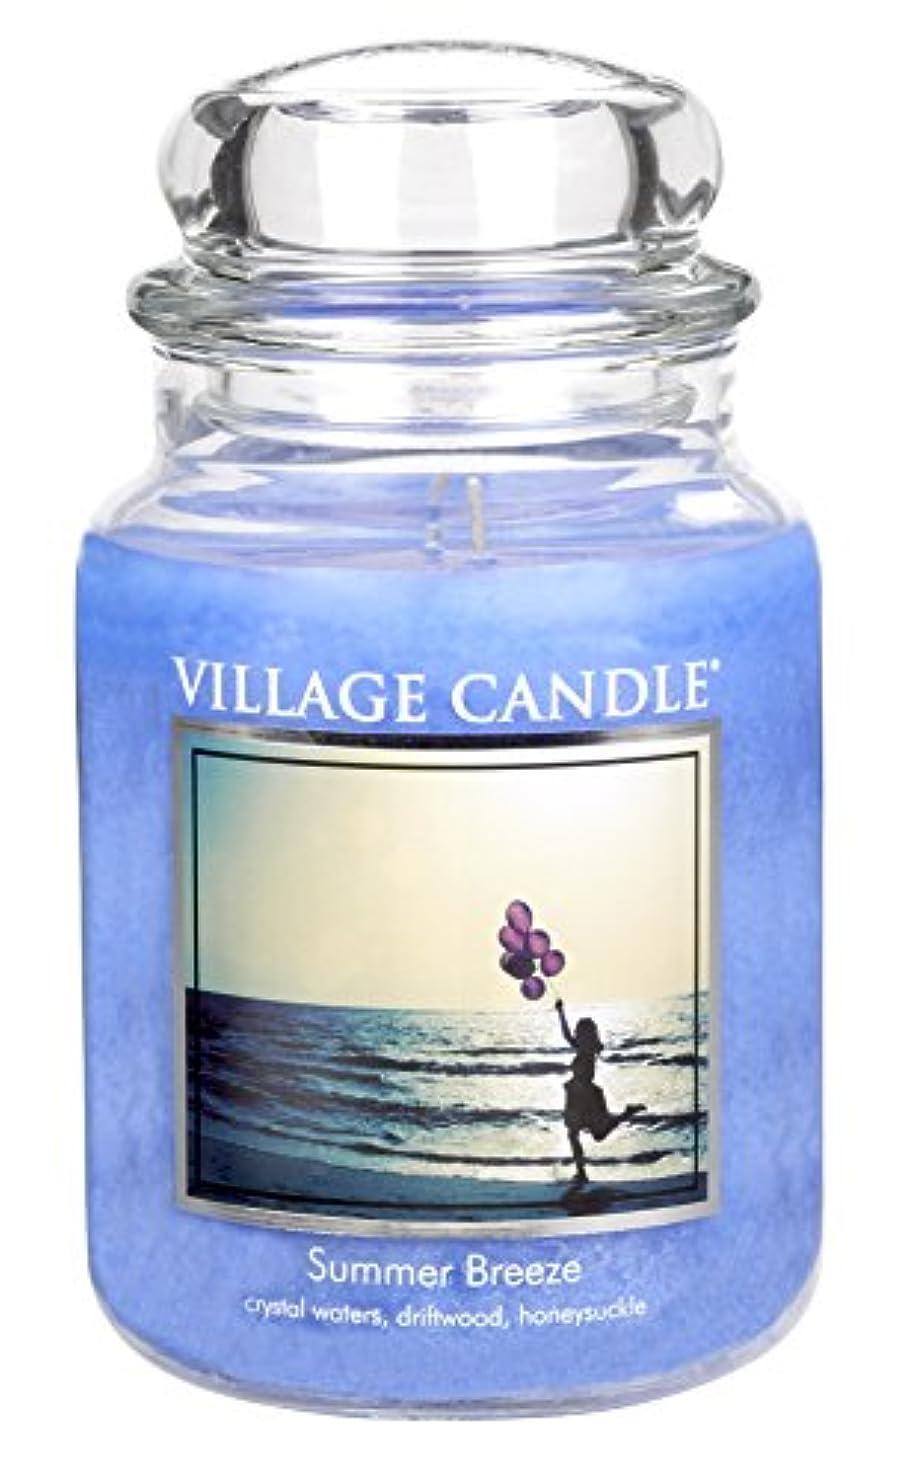 リテラシーモナリザ変装したVillage Candle Large Fragranced Candle - 17cm x 10cm - 26oz (1219g)- Summer Breeze - upto 170 hours burn time...